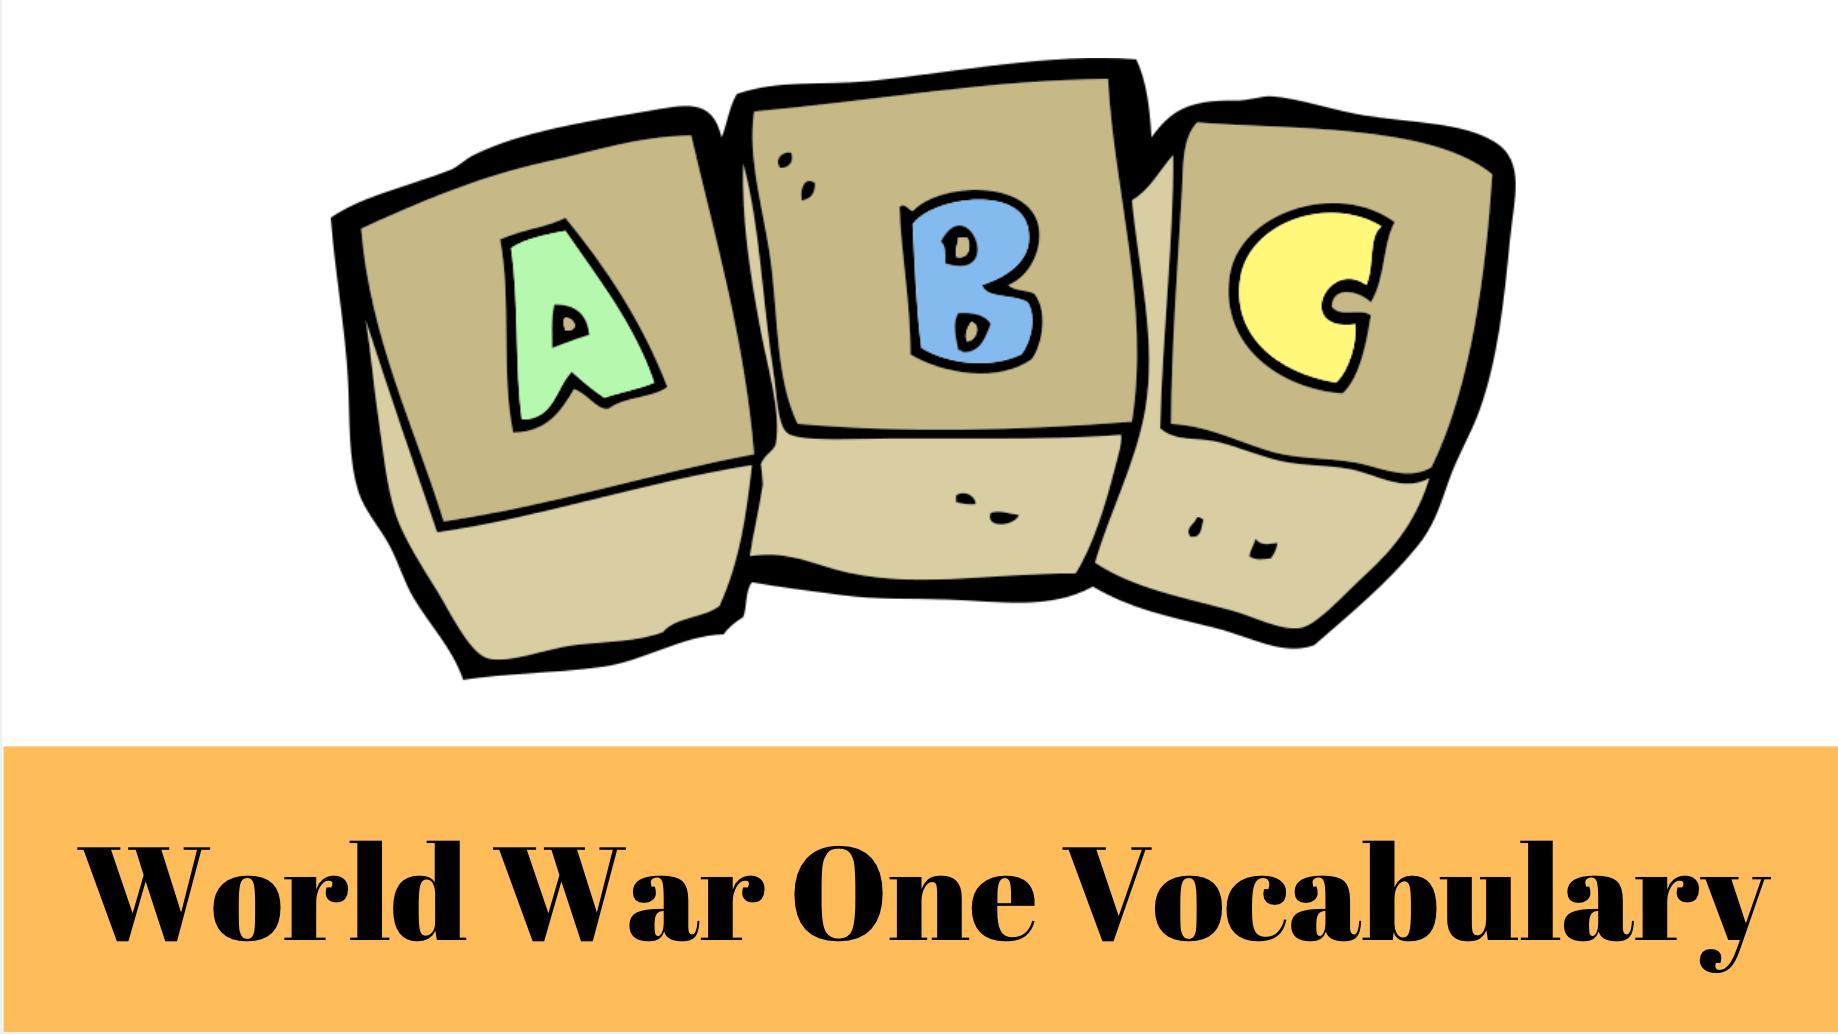 First World War Vocabulary